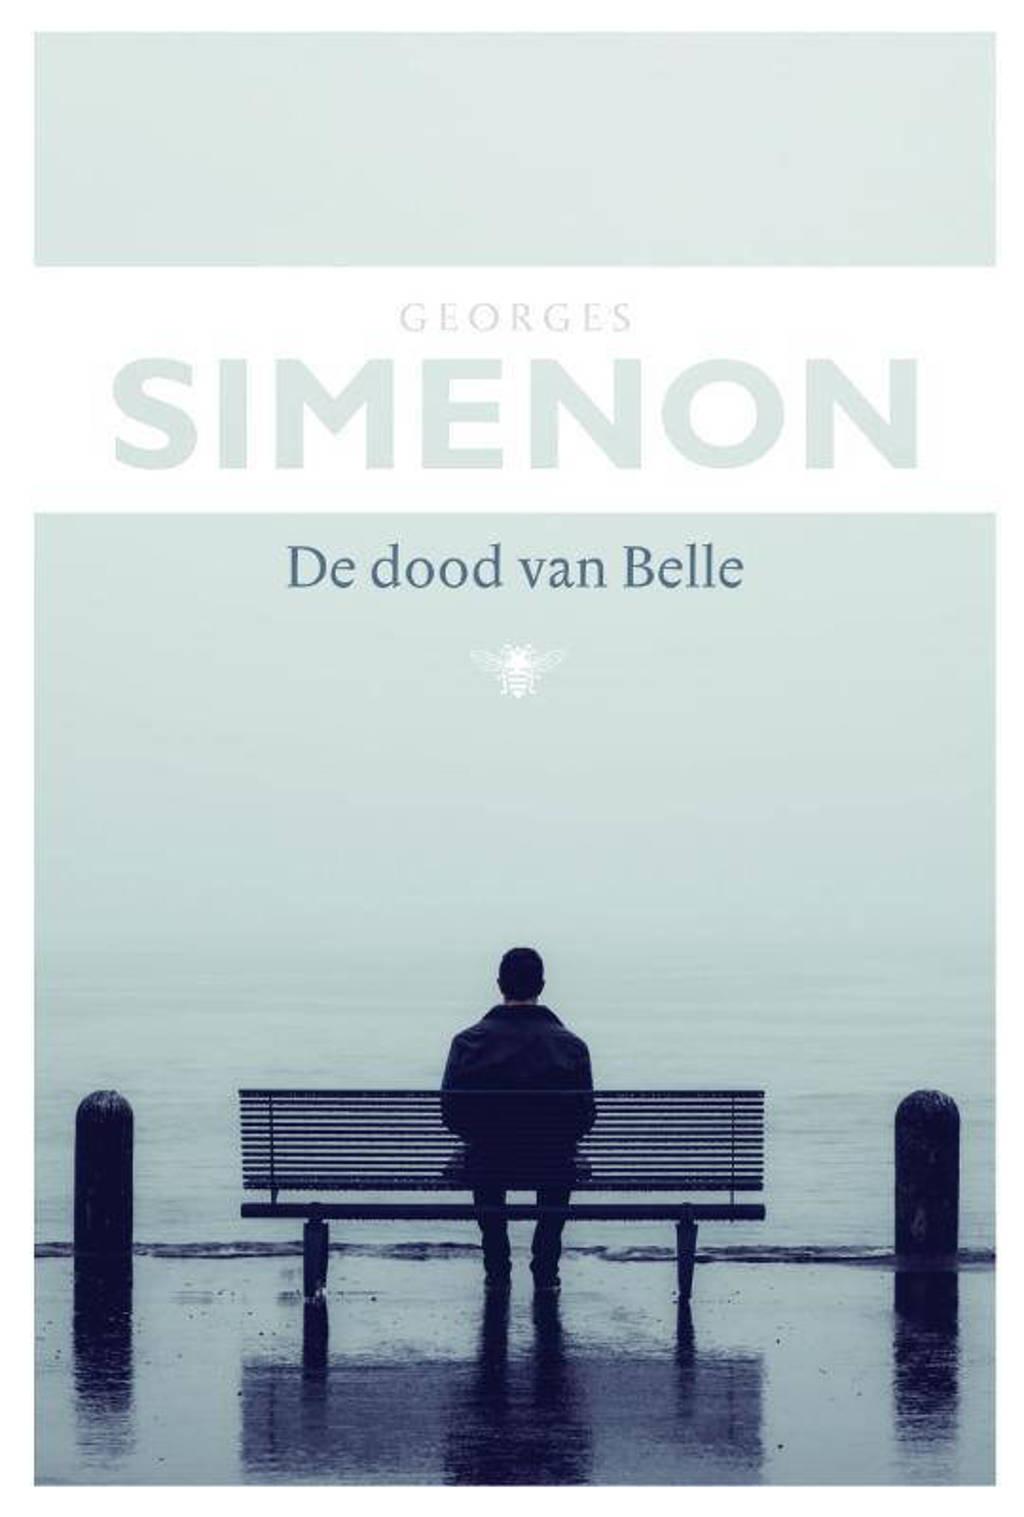 De dood van Belle - Georges Simenon